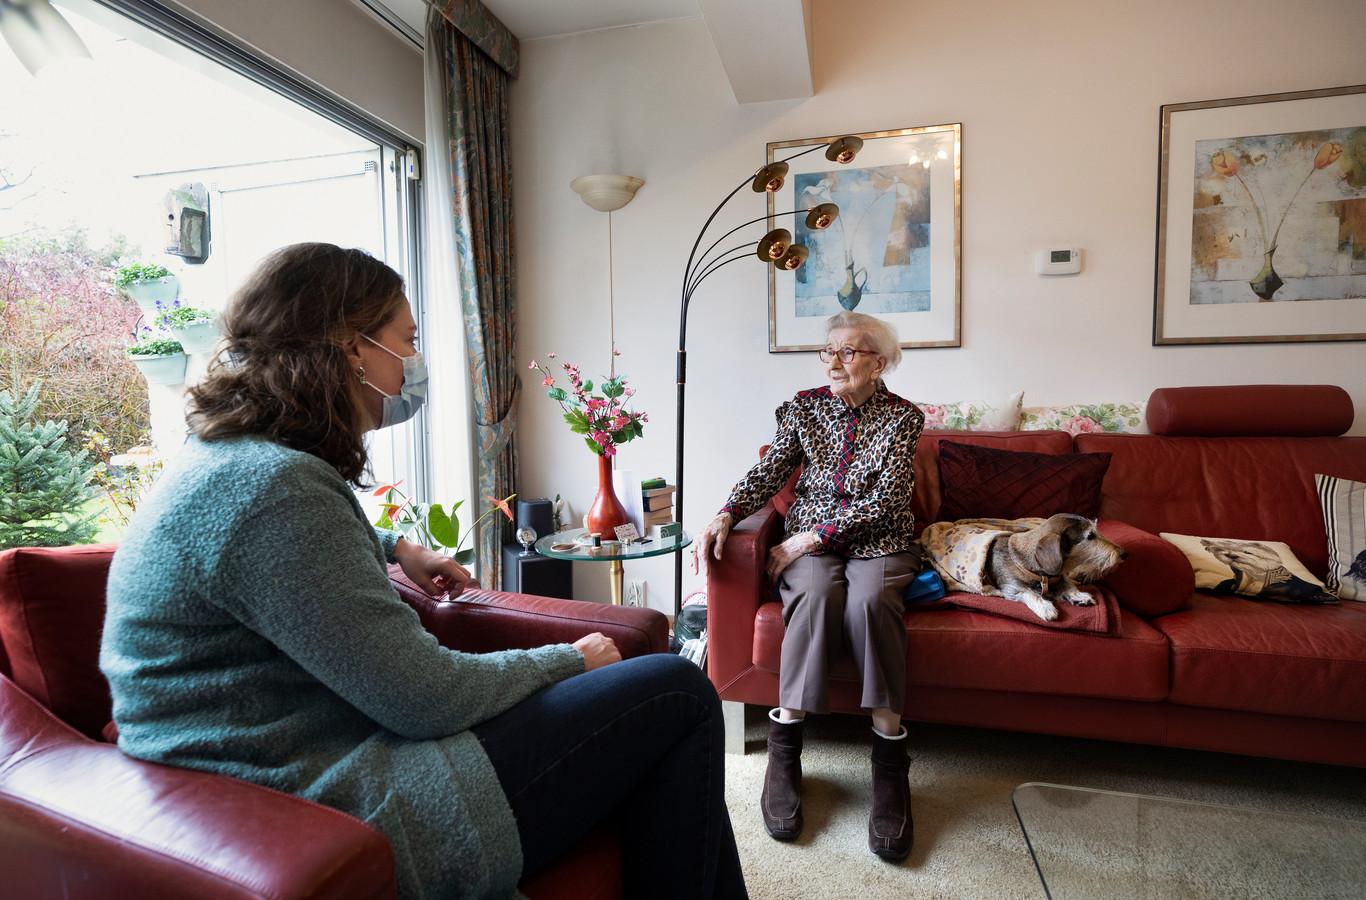 Pien Gimbrère-Kroes, specialist ouderengeneeskunde van Zorgboog in Balans, bespreekt hoe het gaat met de 98-jarige mevrouw Lauxstermann, die nog thuis woont.